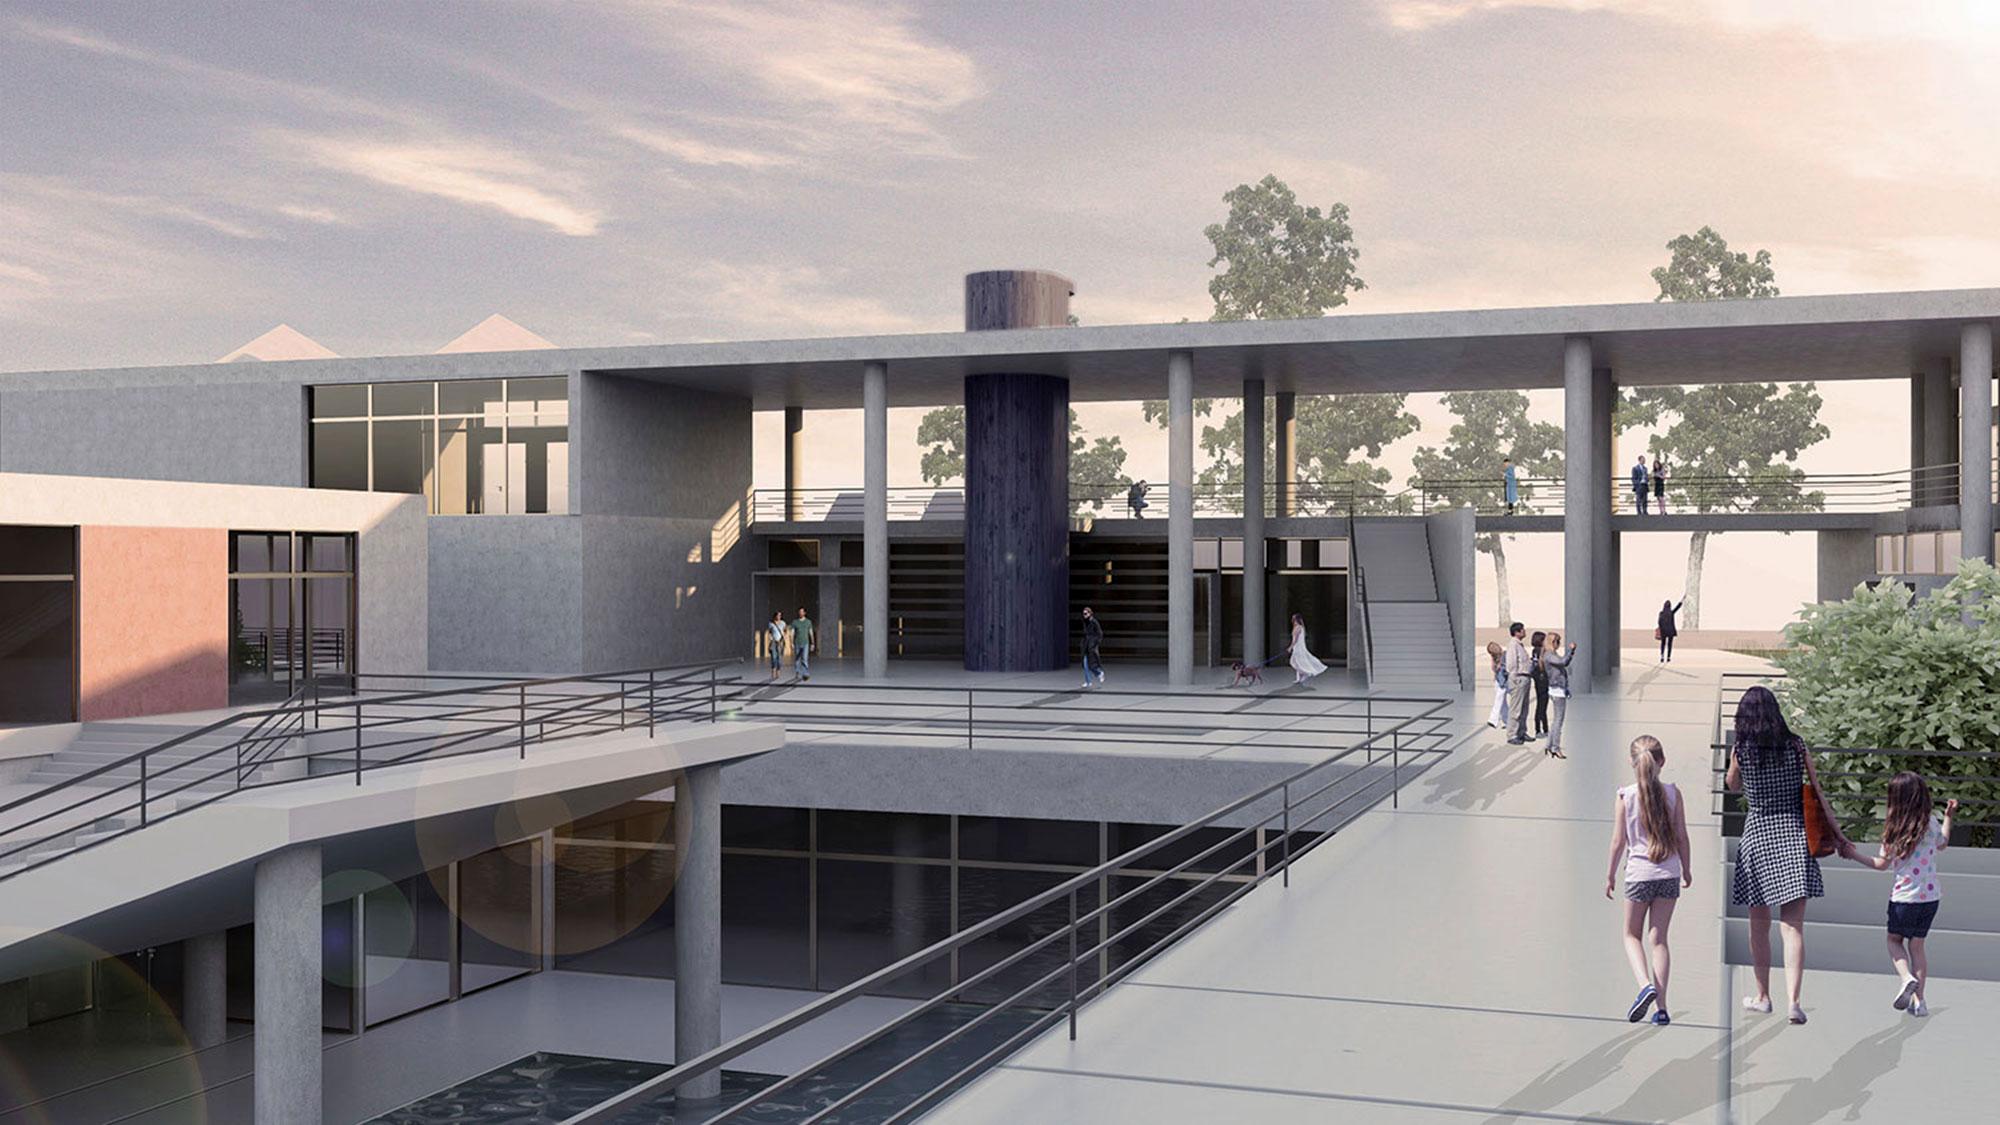 Δημοτικό Κέντρο Θεάτρου και Μουσικής στην Ιεράπετρα